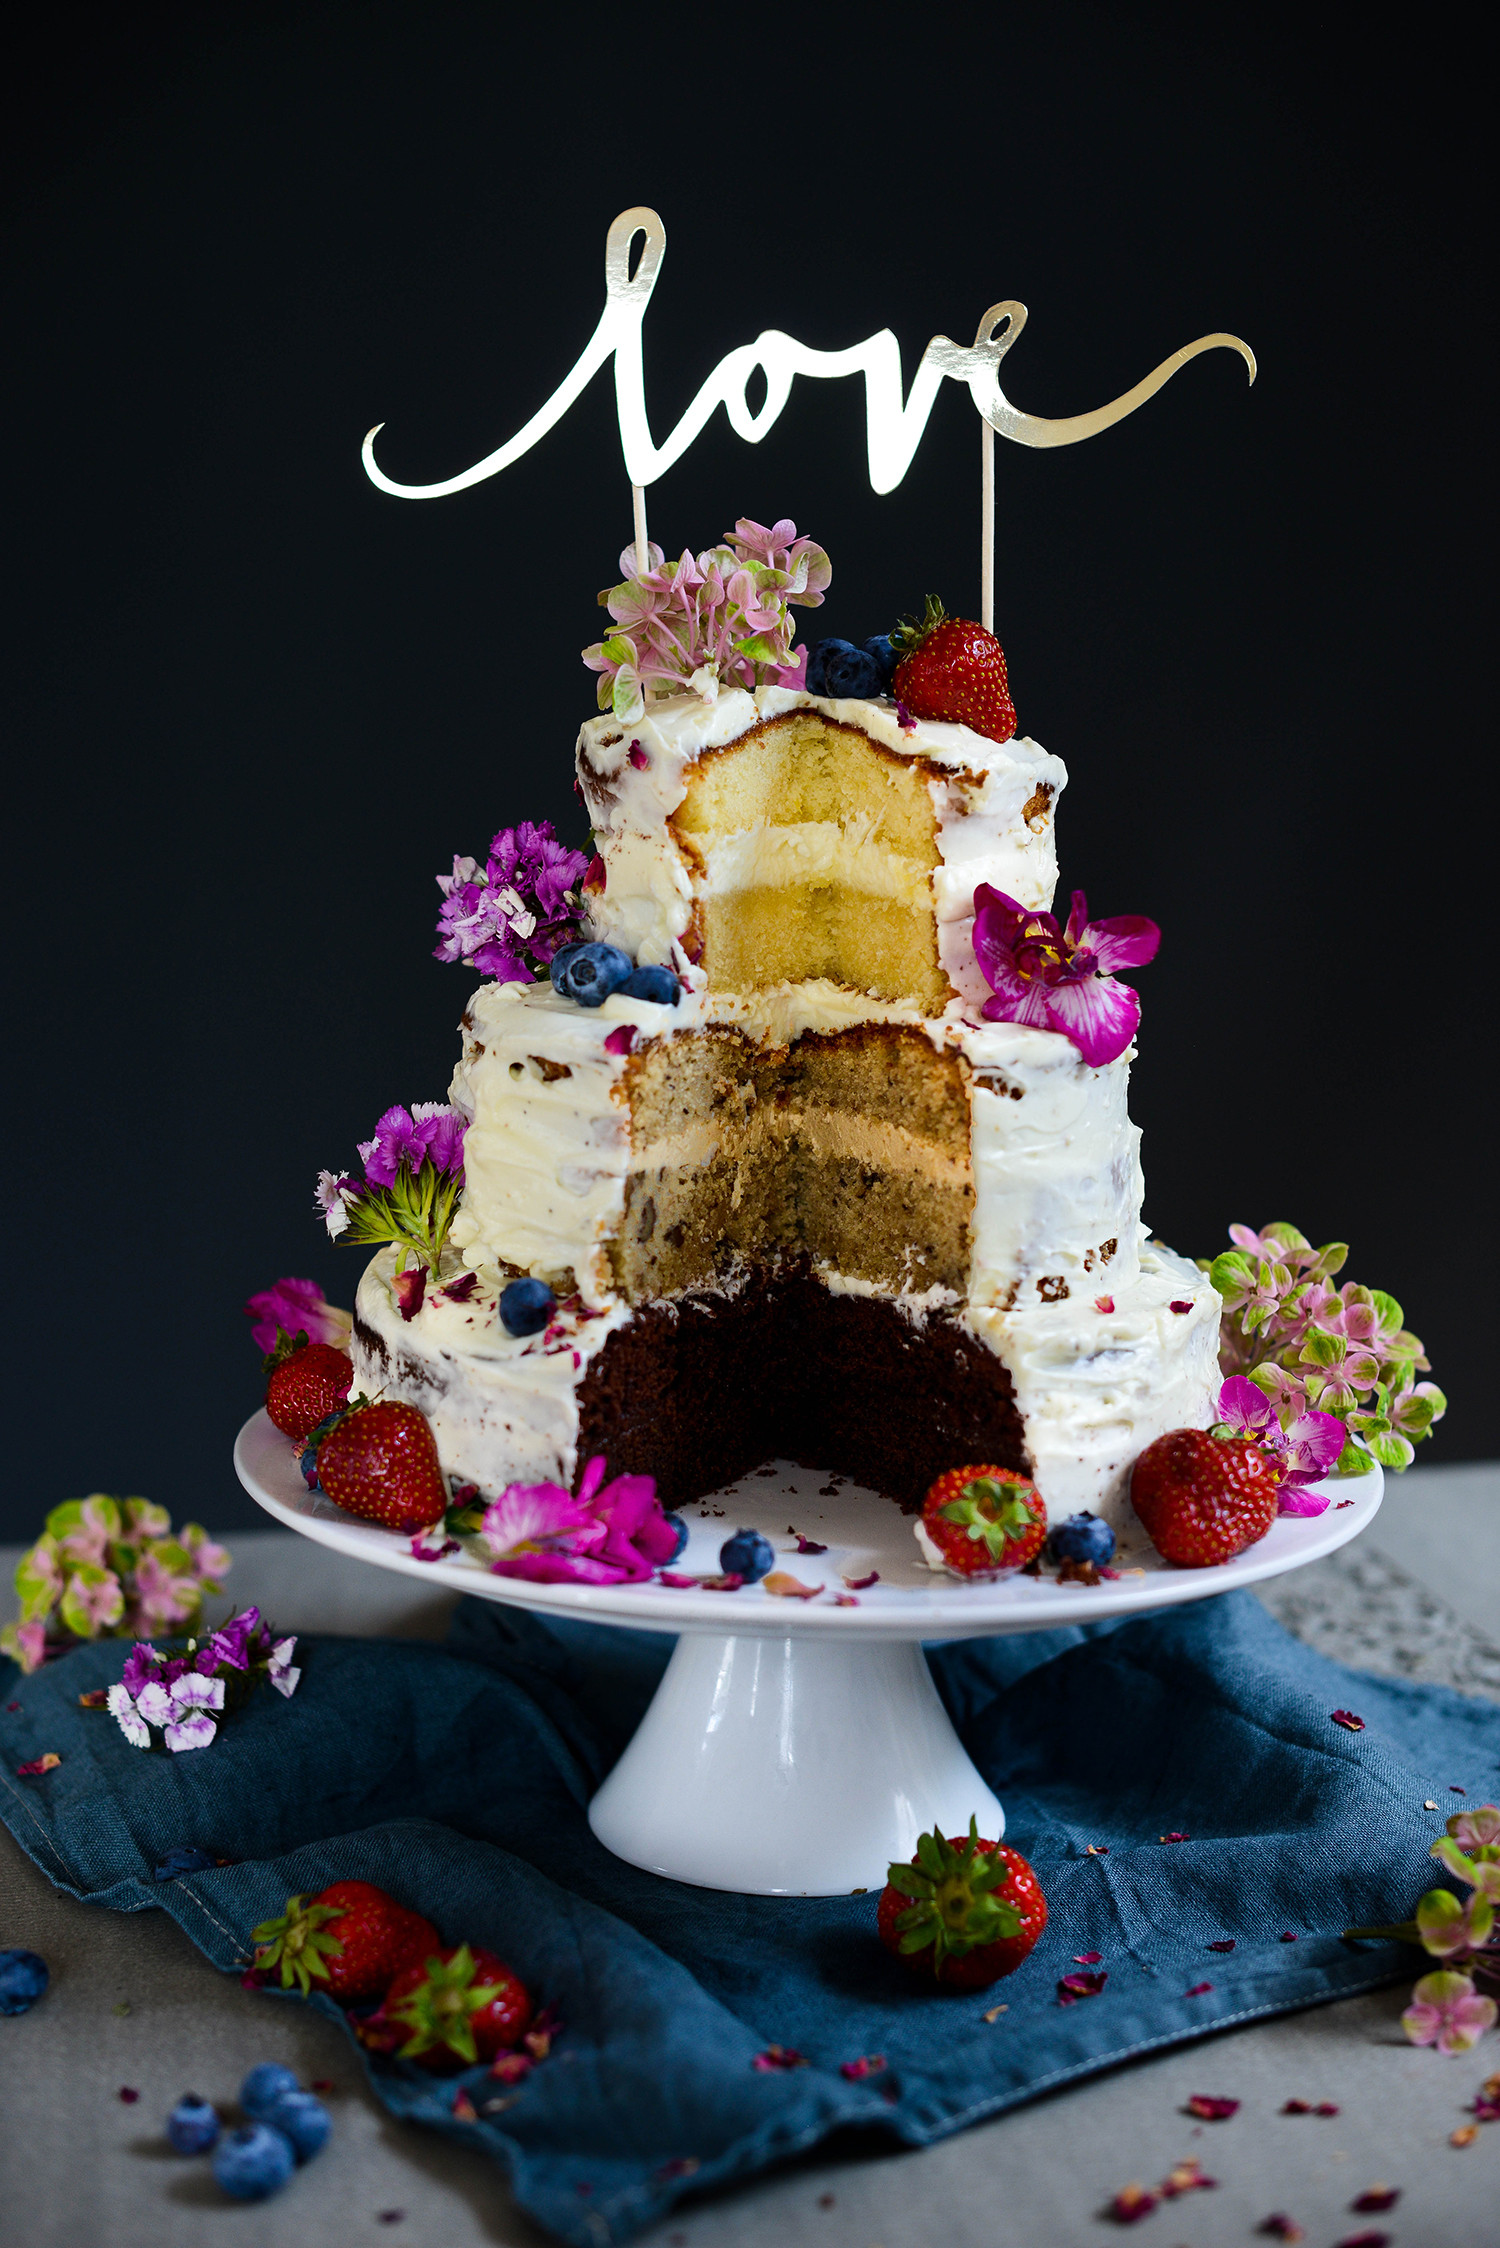 3 Layered Wedding Cakes  Three layered wedding cake with mascarpone frosting